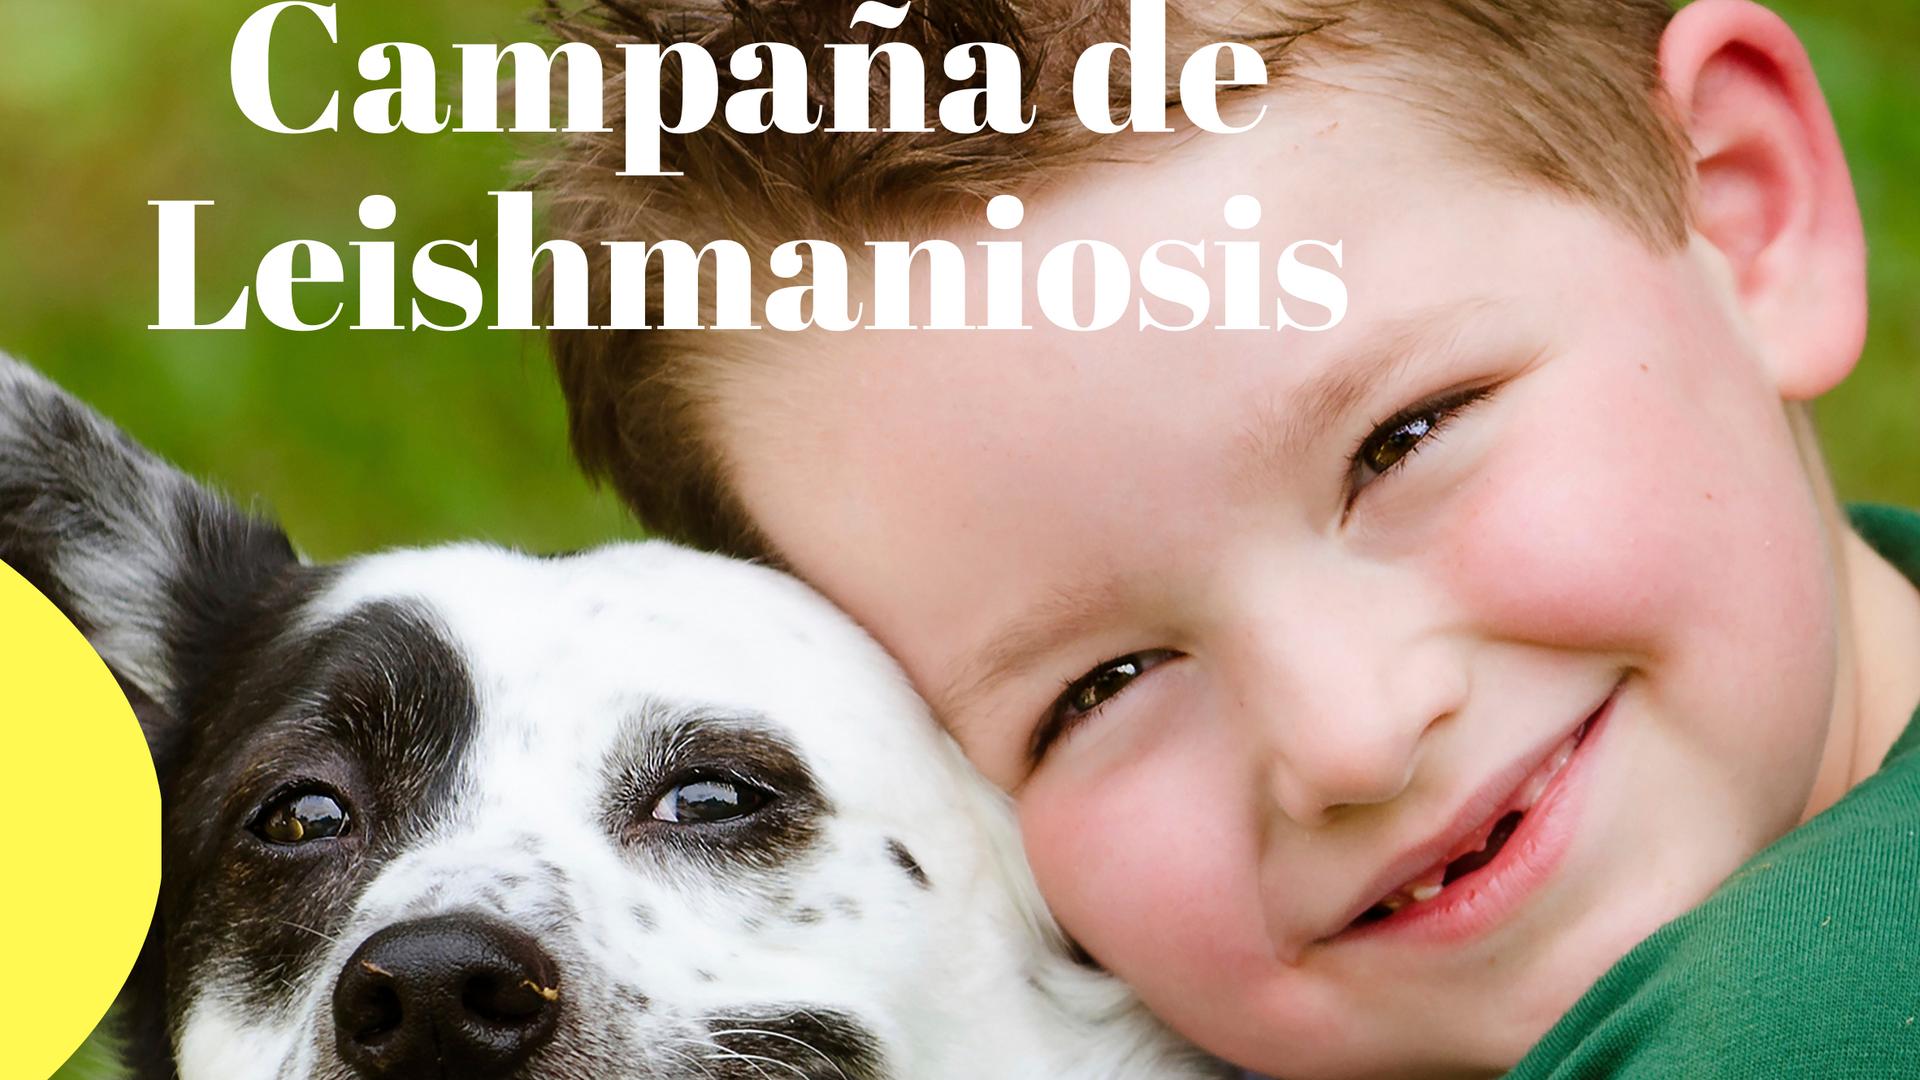 Campaña de Leishmaniosis 5.png